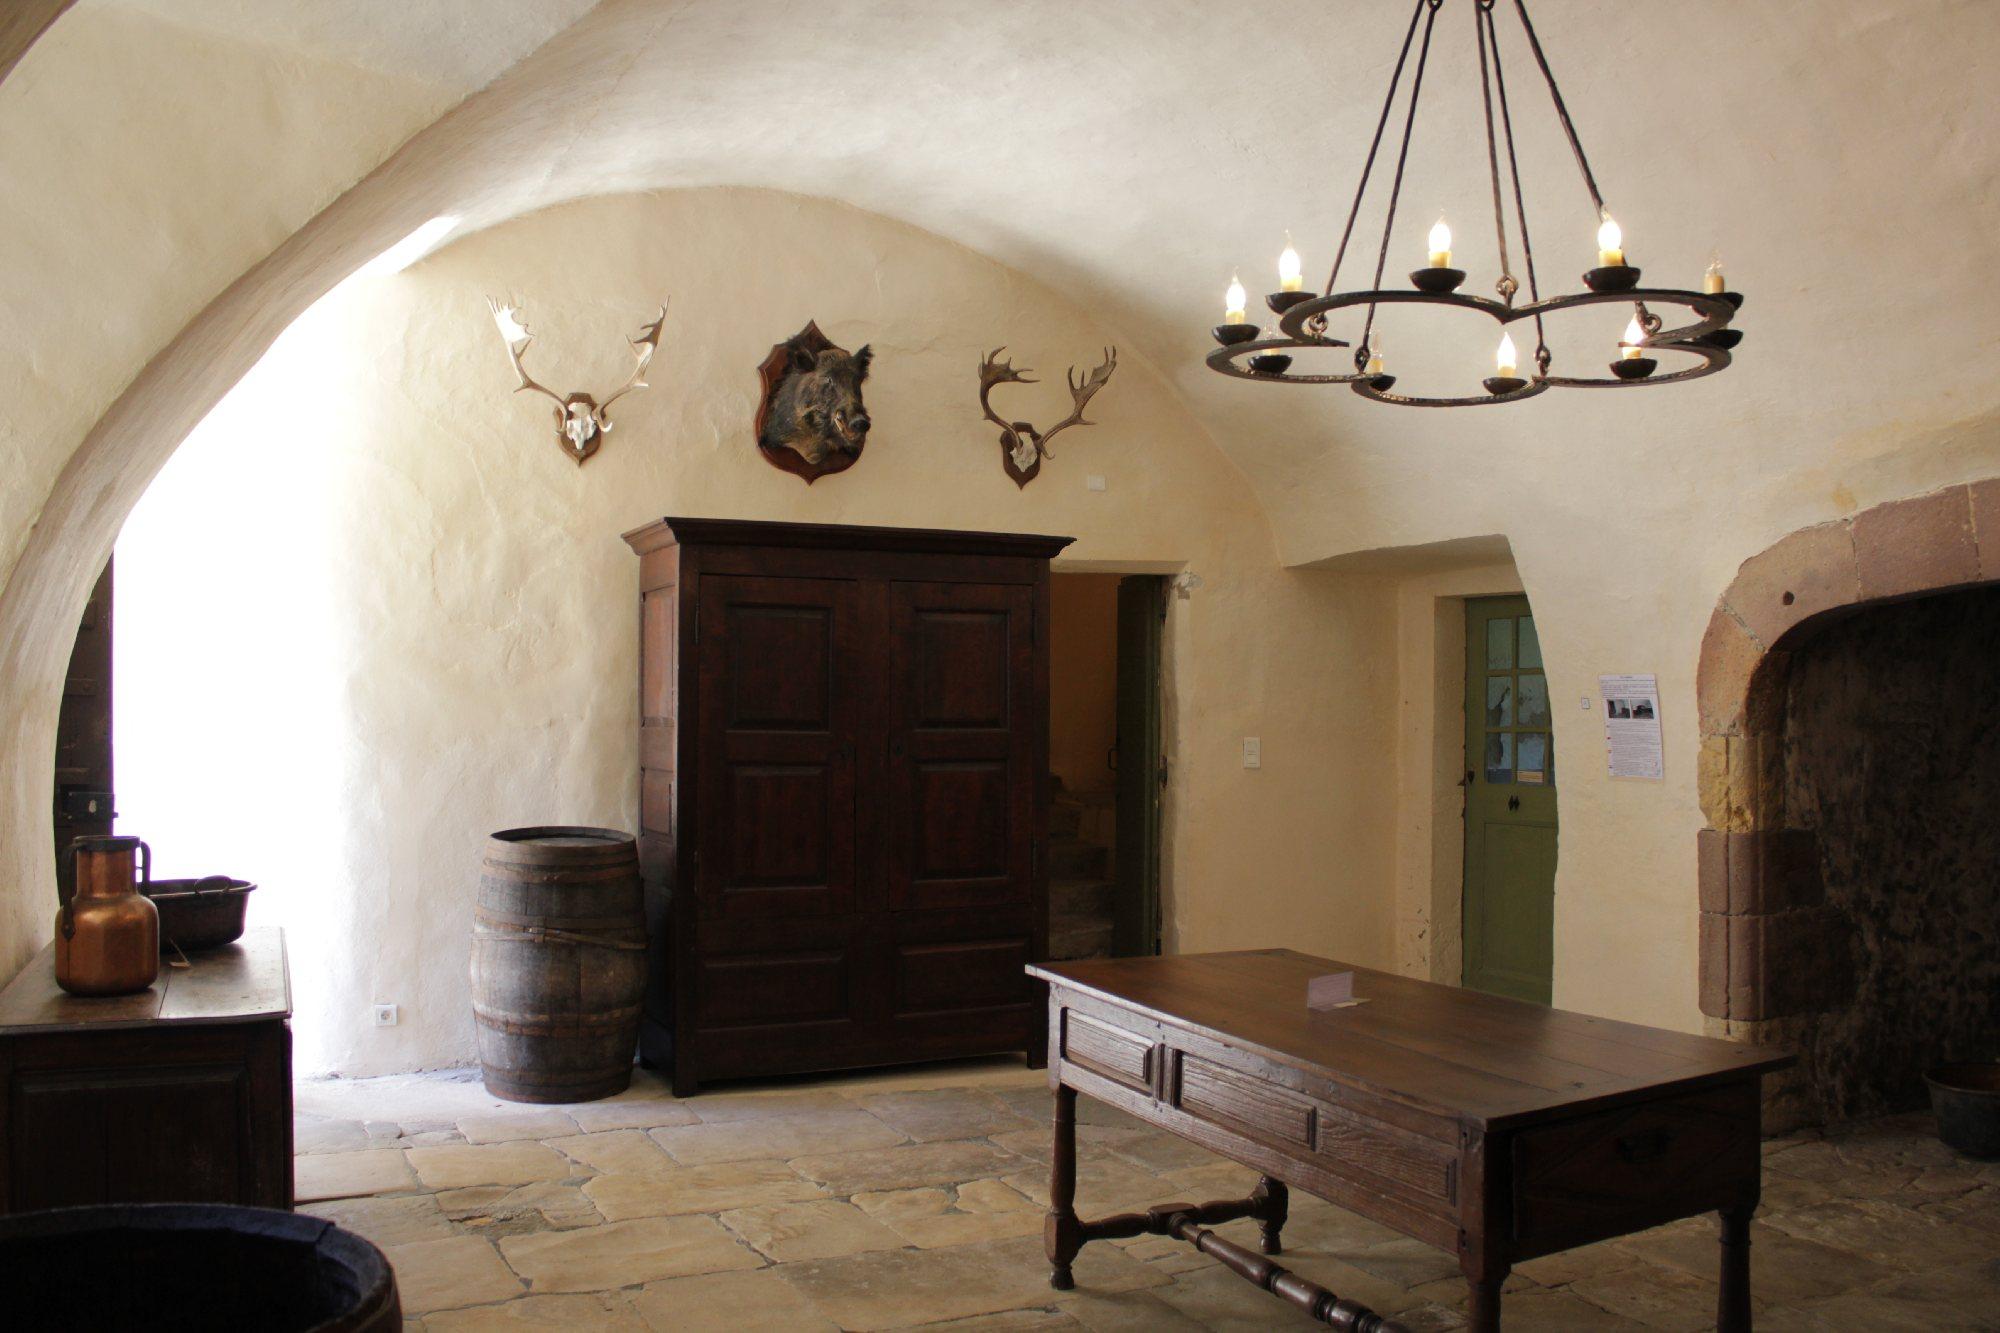 Architecte D Intérieur Aveyron château d'estaing, estaing | heritage | aveyron tourism